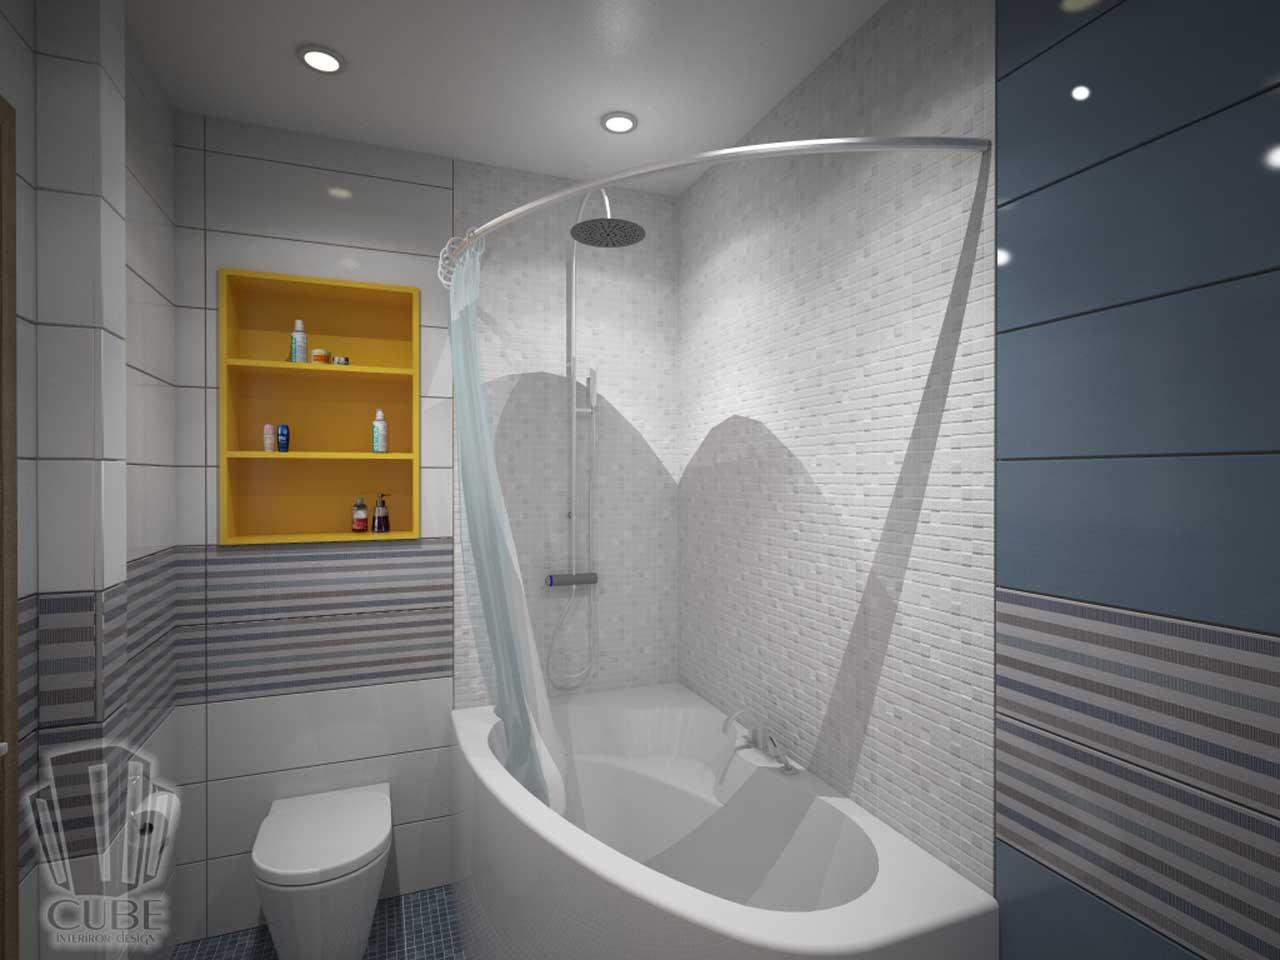 Дизайн-проект интерьера. Тюмень ул. Широтная д.158. Квартира для молодой семьи (15)